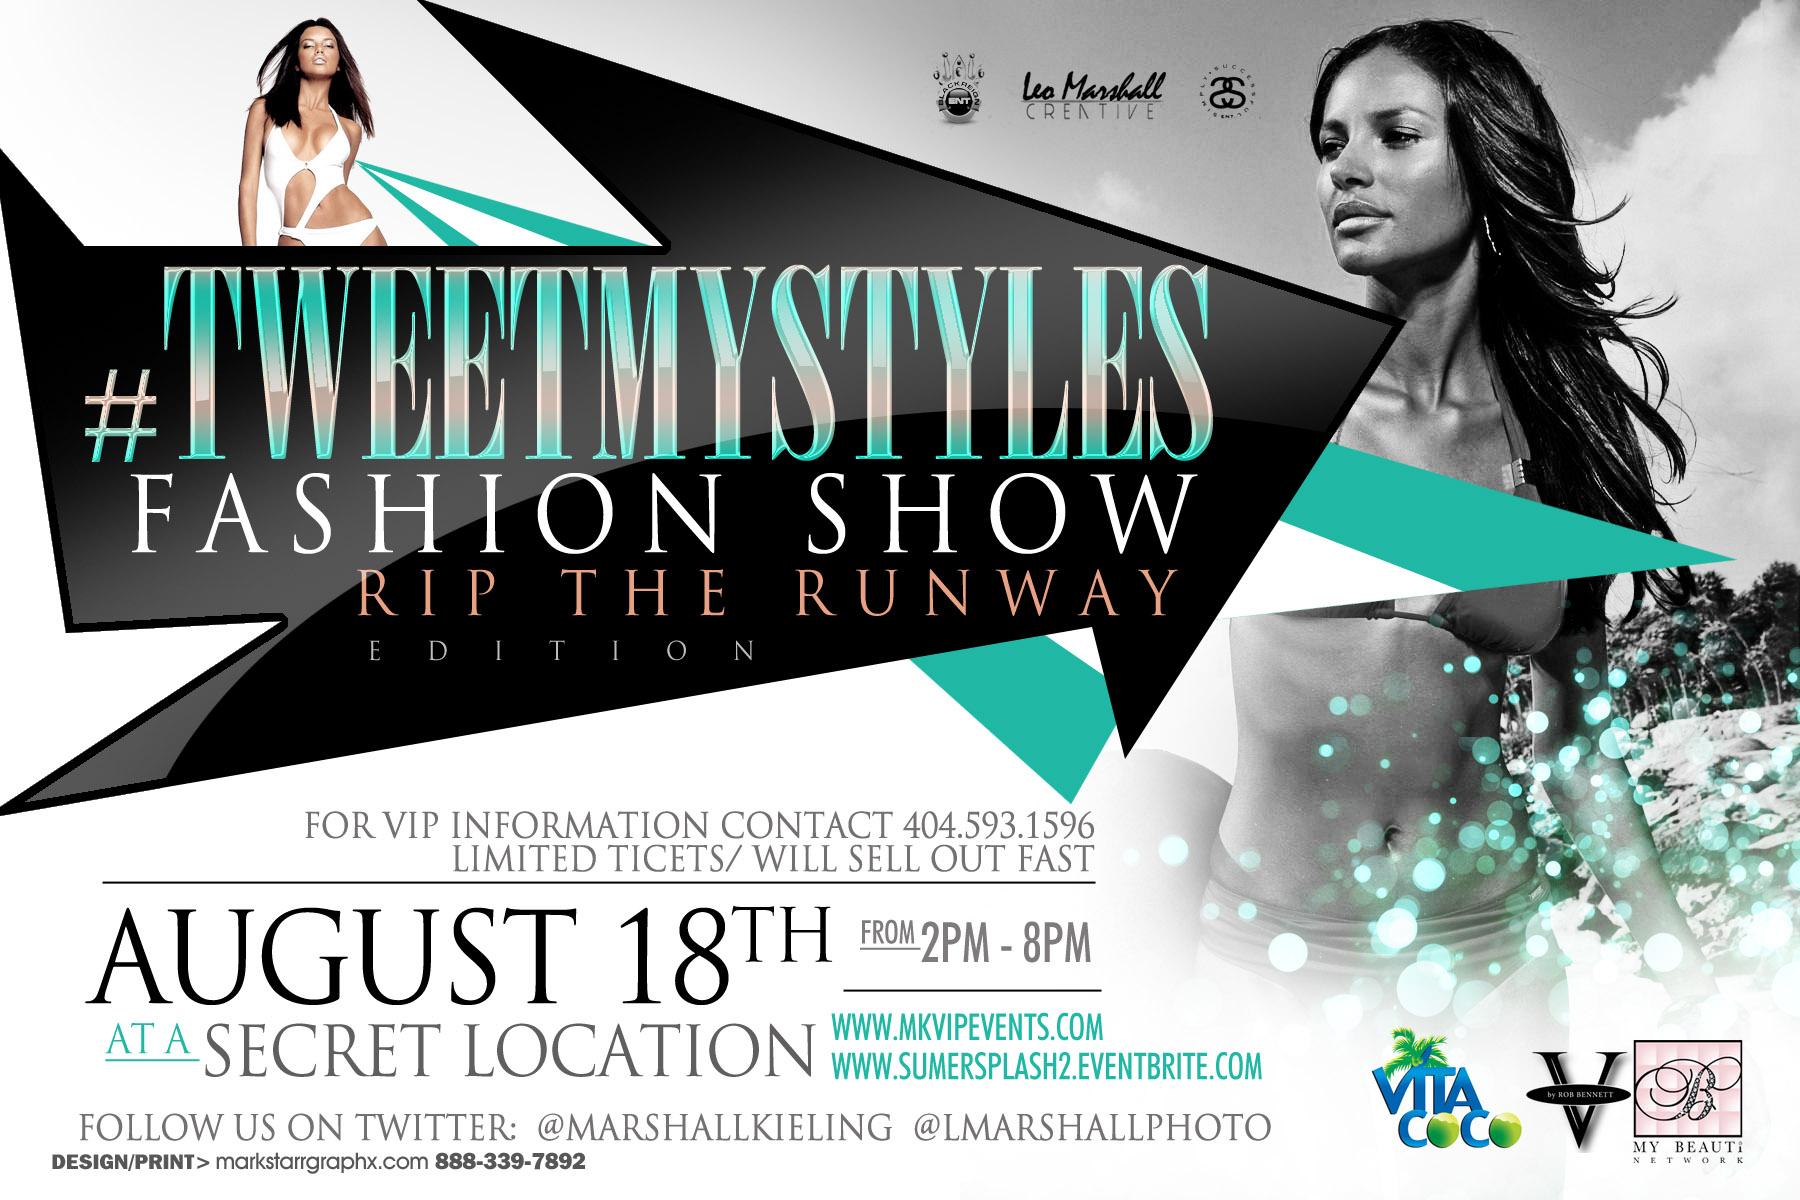 TweetMyStyles Fashion Show Rip the Runway Edition/Summer Splash ...